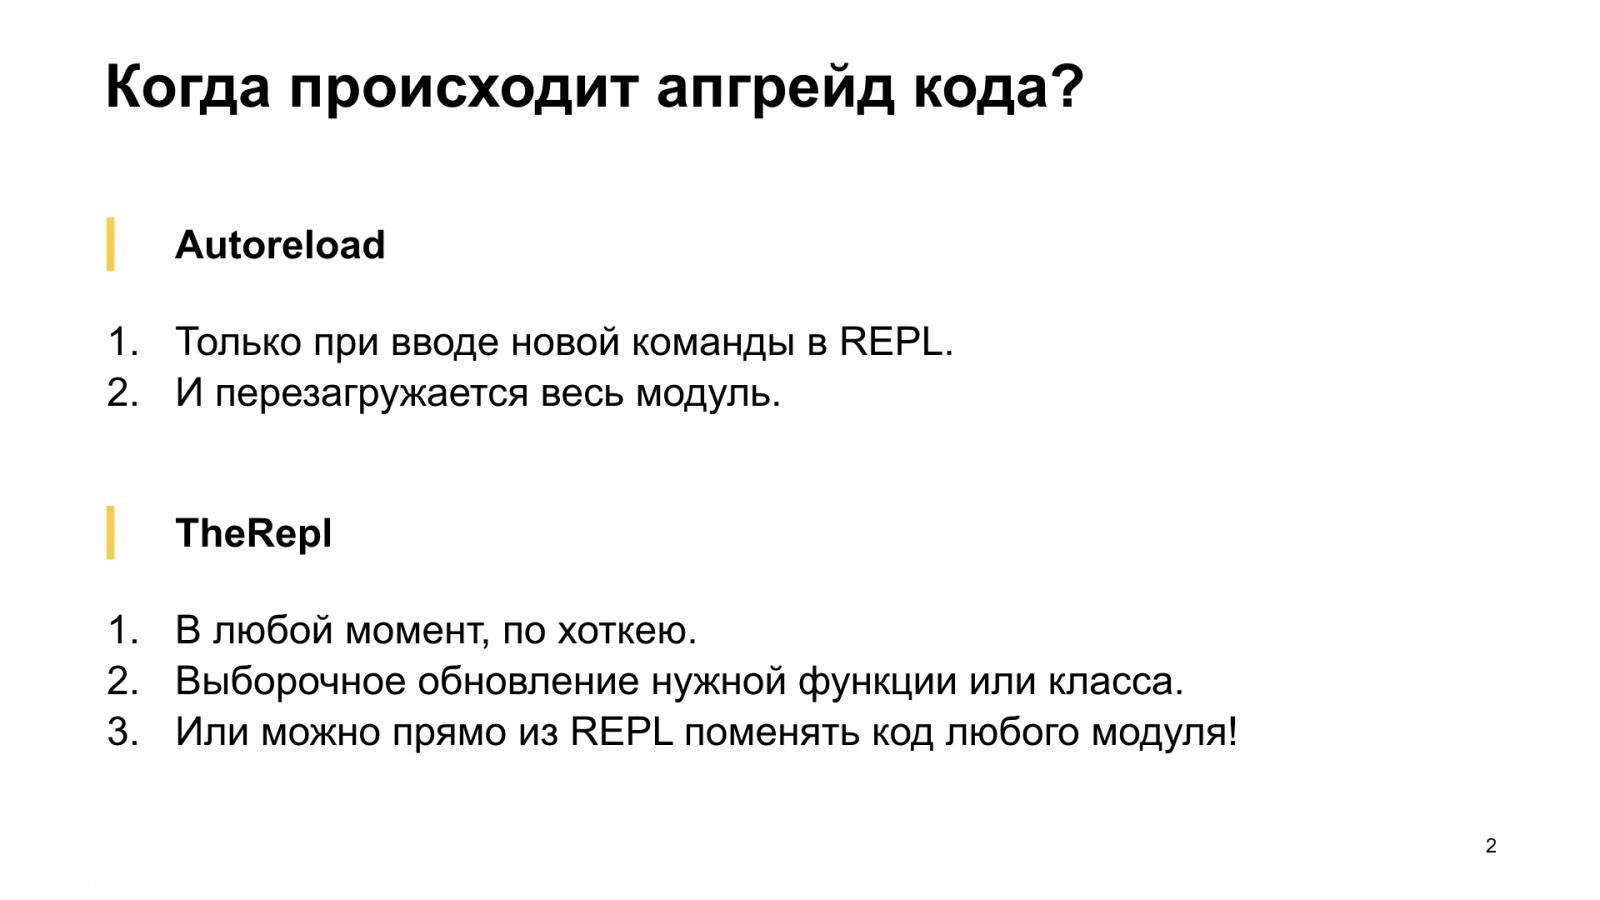 Бесполезный REPL. Доклад Яндекса - 2